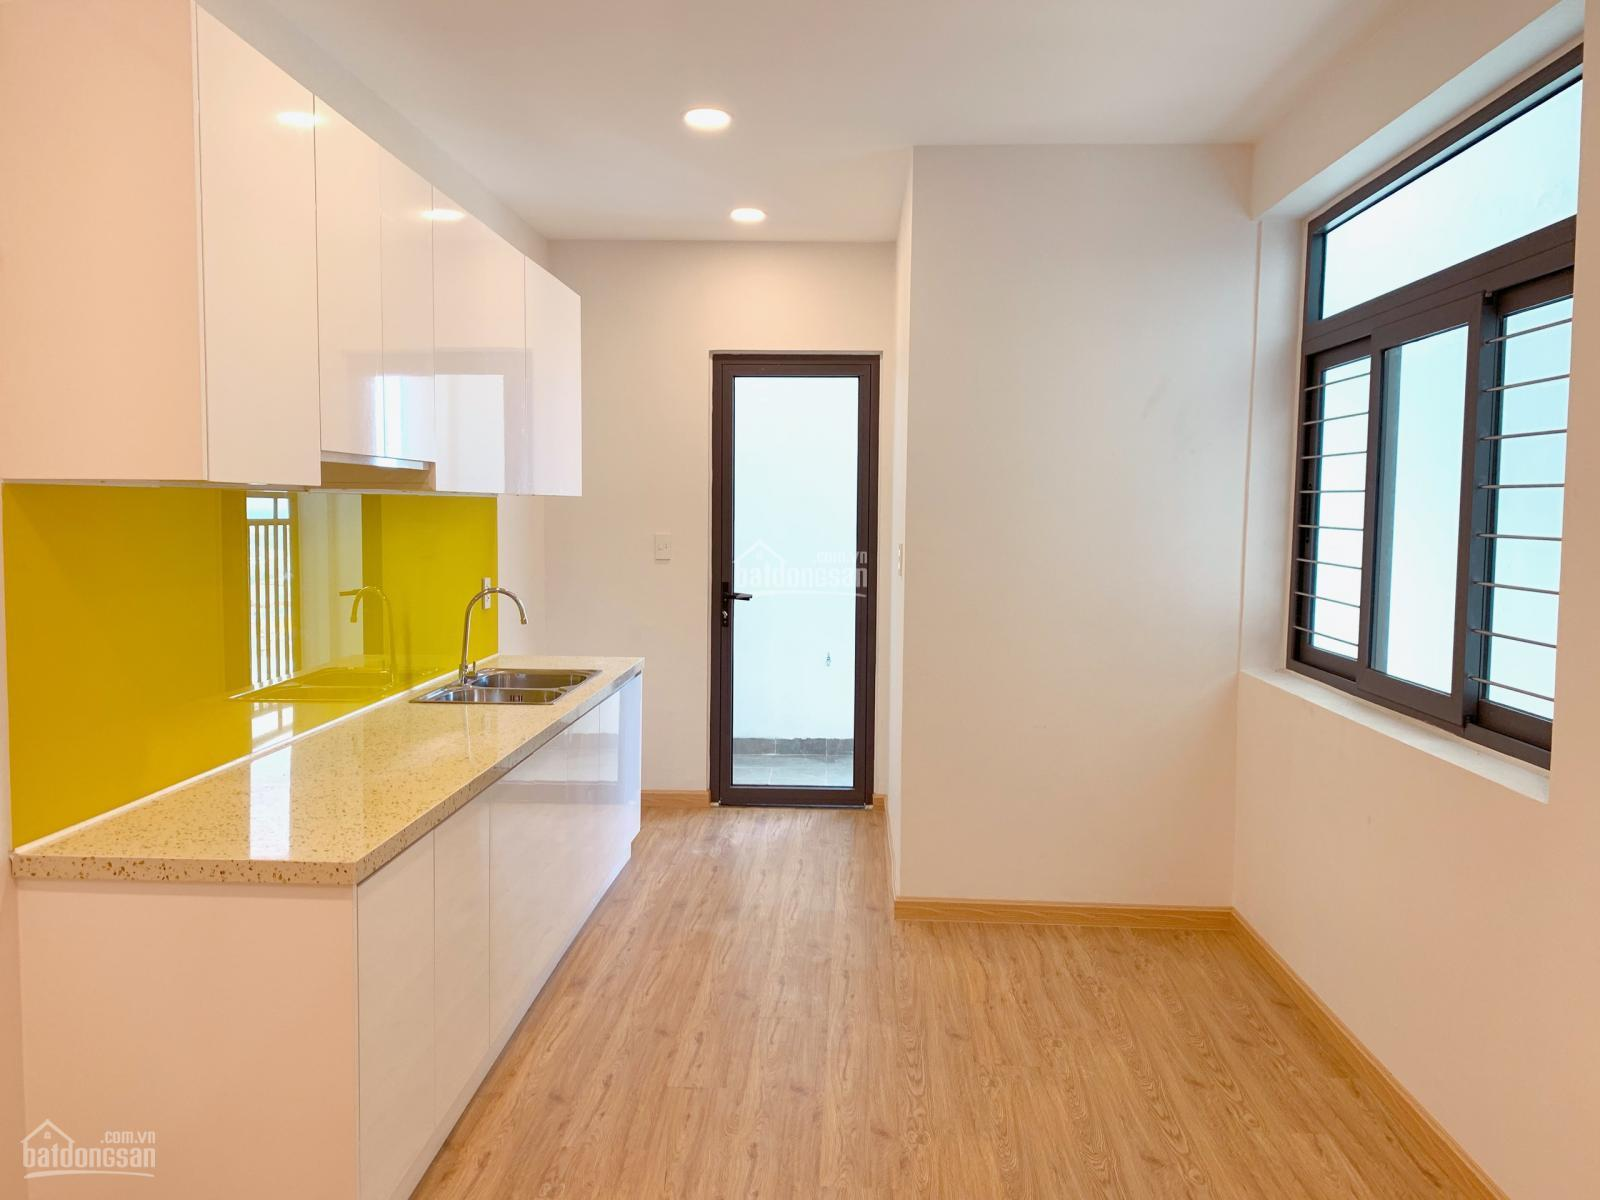 chi tiết Cho thuê căn hộ cao cấp saigonhomes quận Bình Tân 1PN 1WC - TPHồ Chí Minh giá thuê 6trthang LH: 0938012094